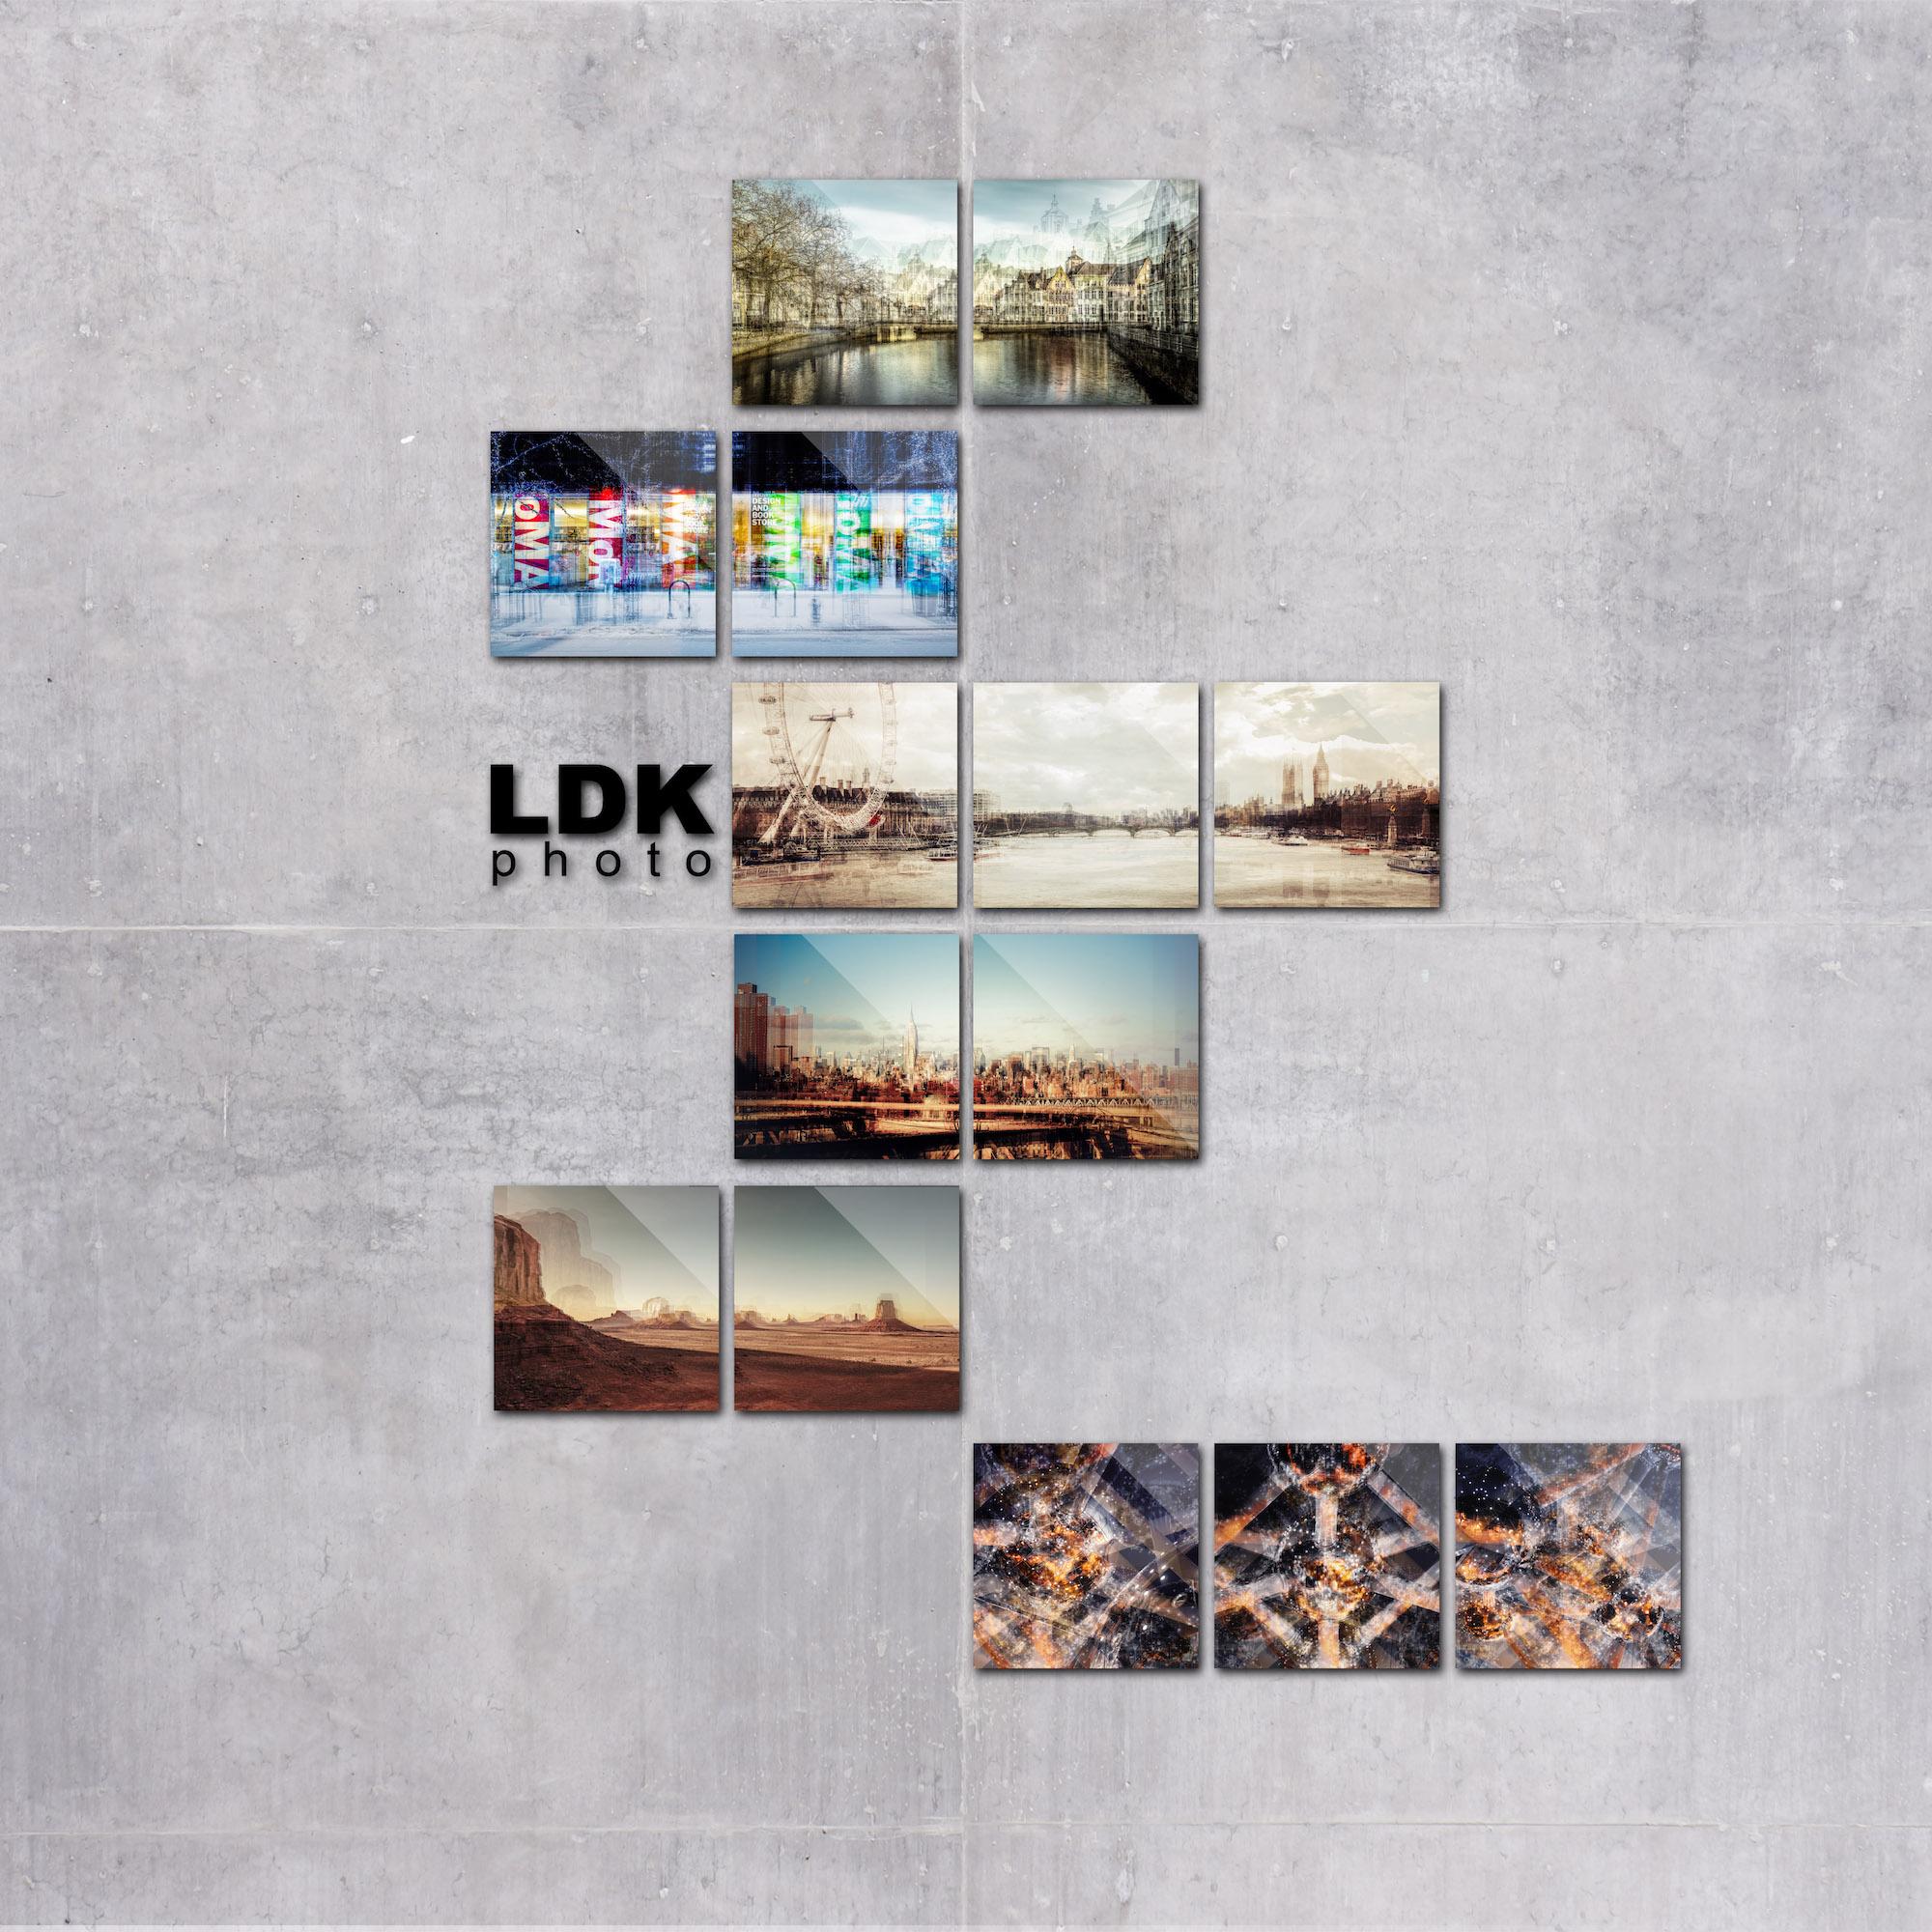 LDKphoto-JAM02.jpg